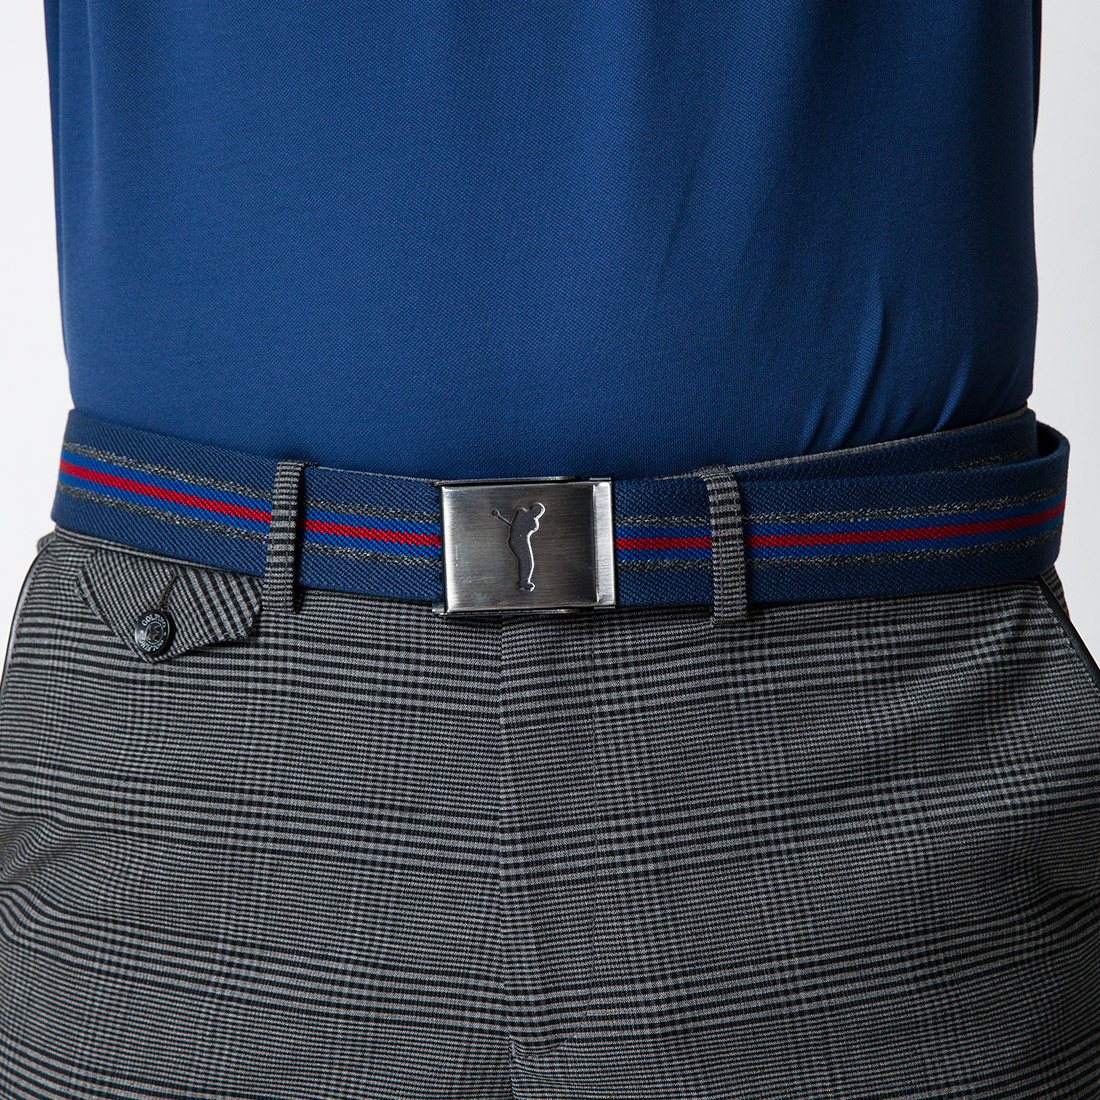 Herren Golfgürtel in modischem Streifendesign mit nickelfreier Klemm-Schnalle